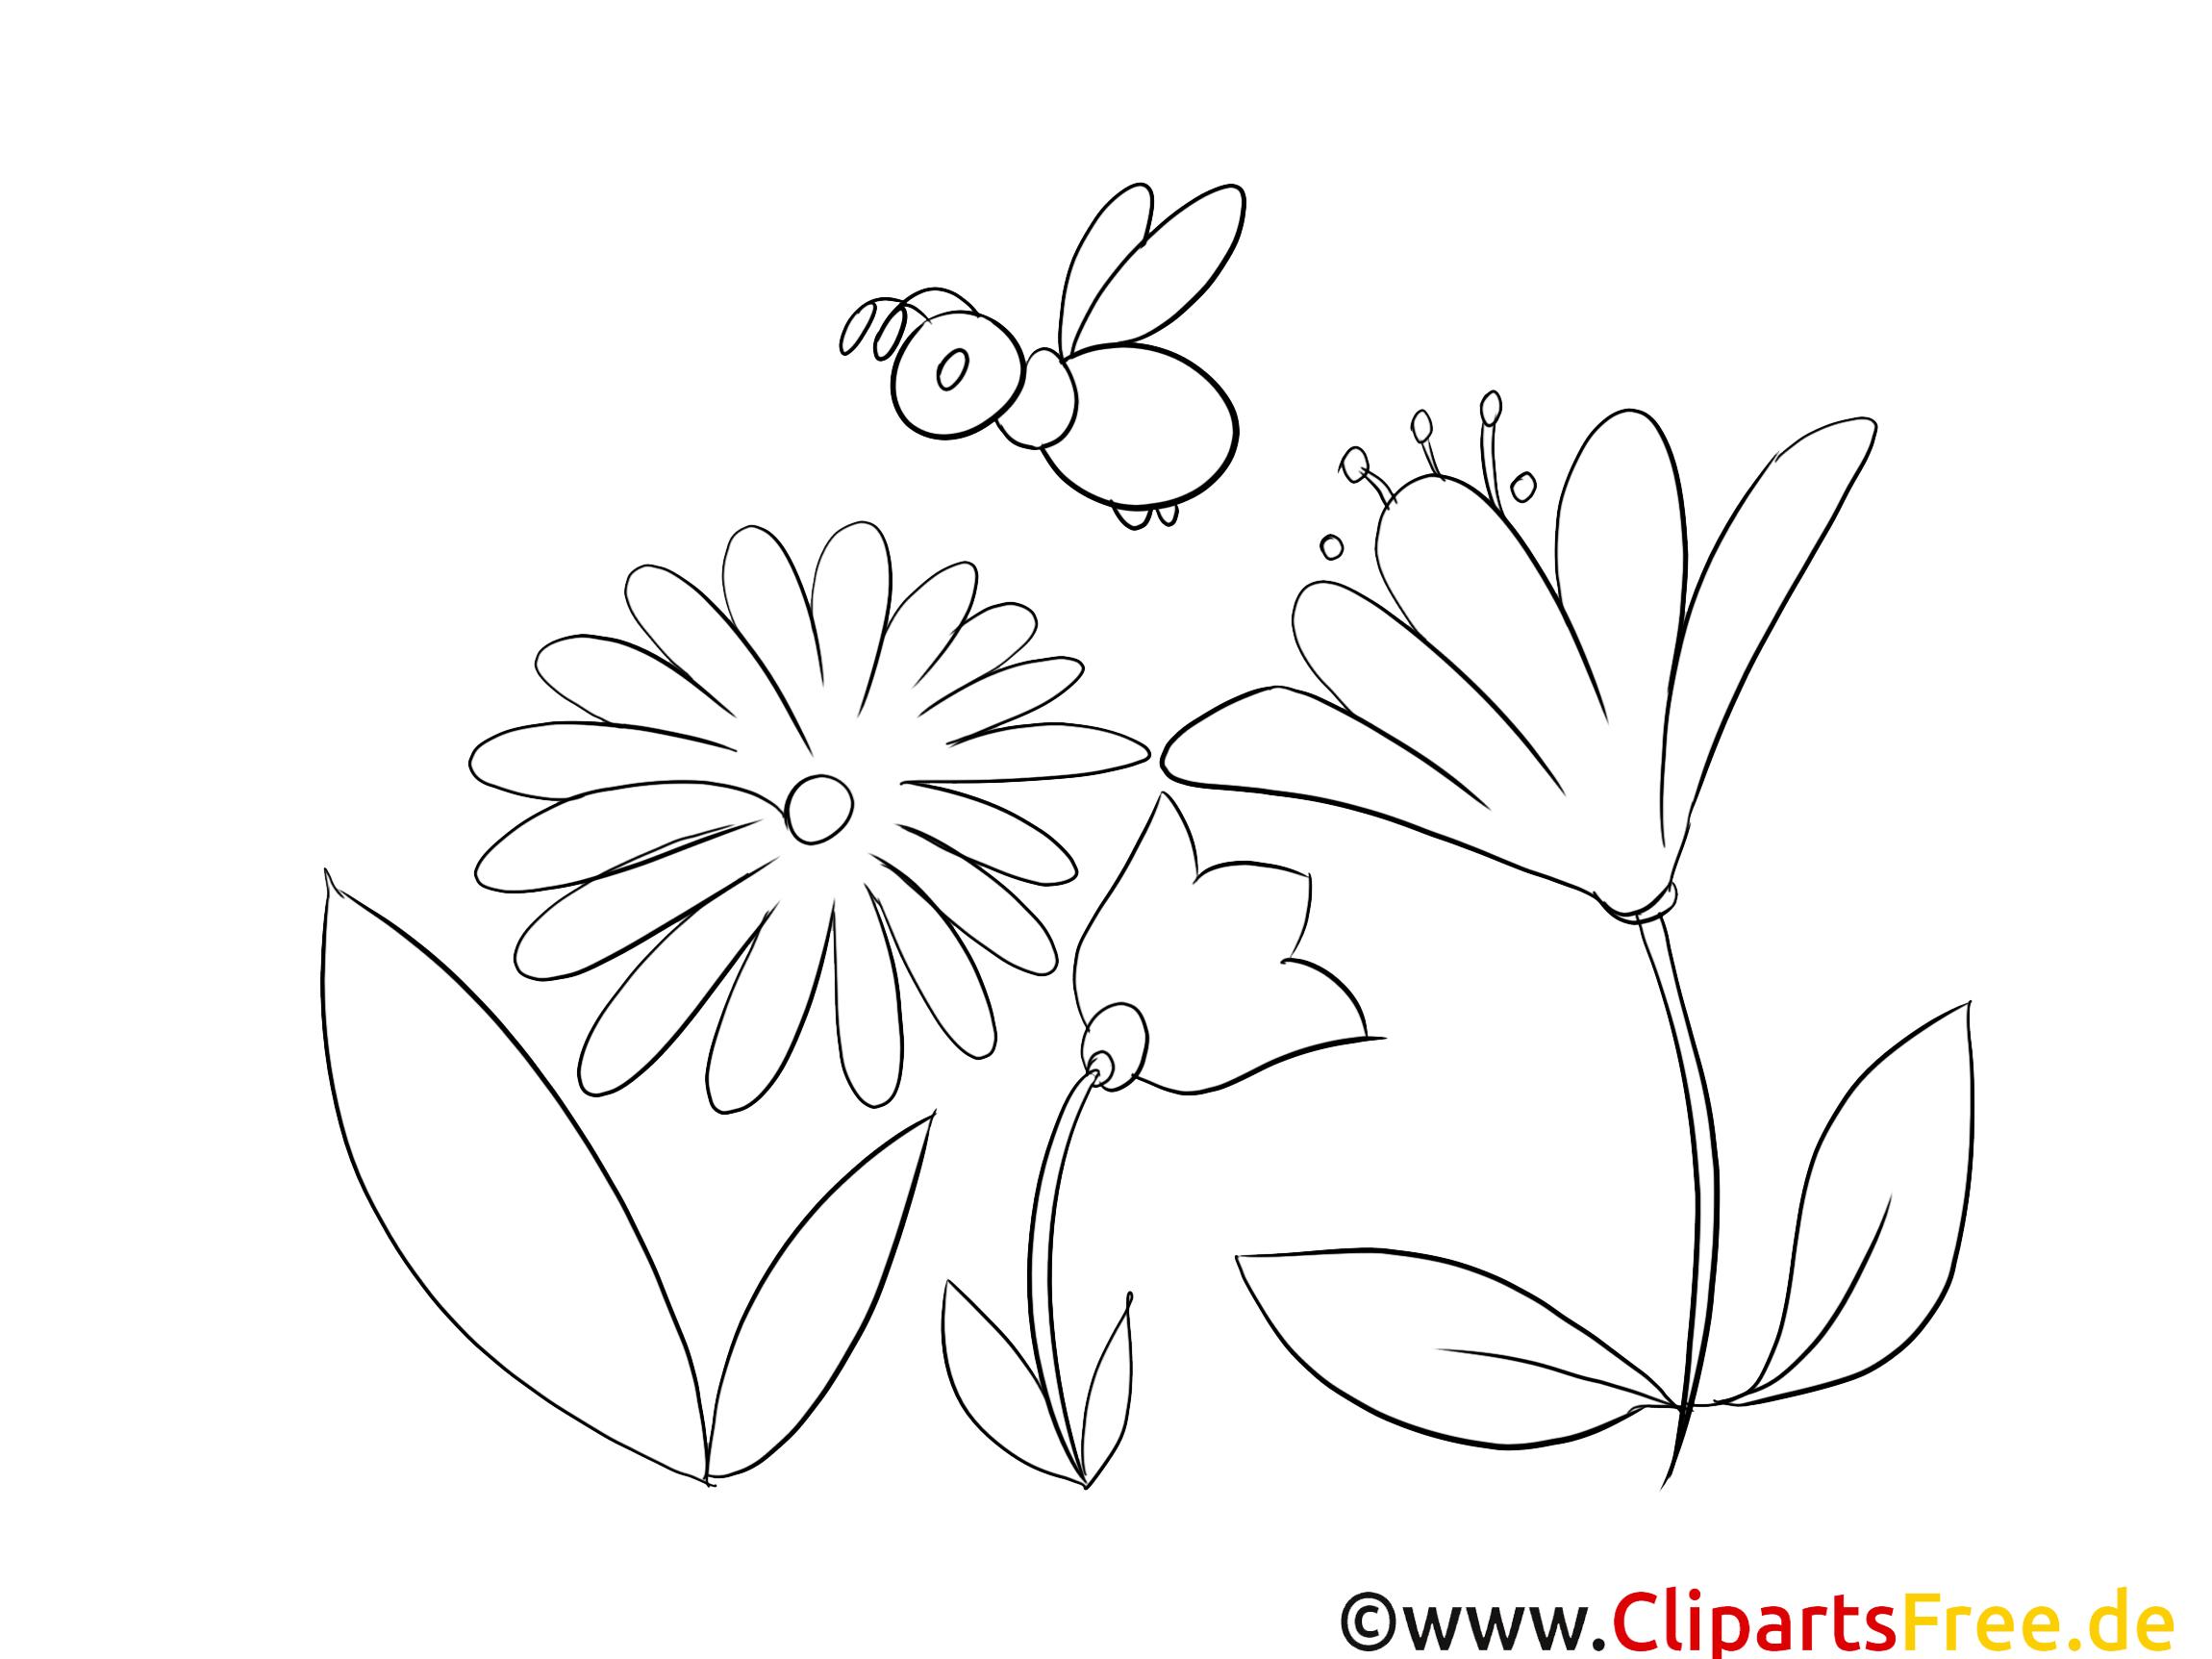 Blumen und Bienen Bild zum Ausmalen